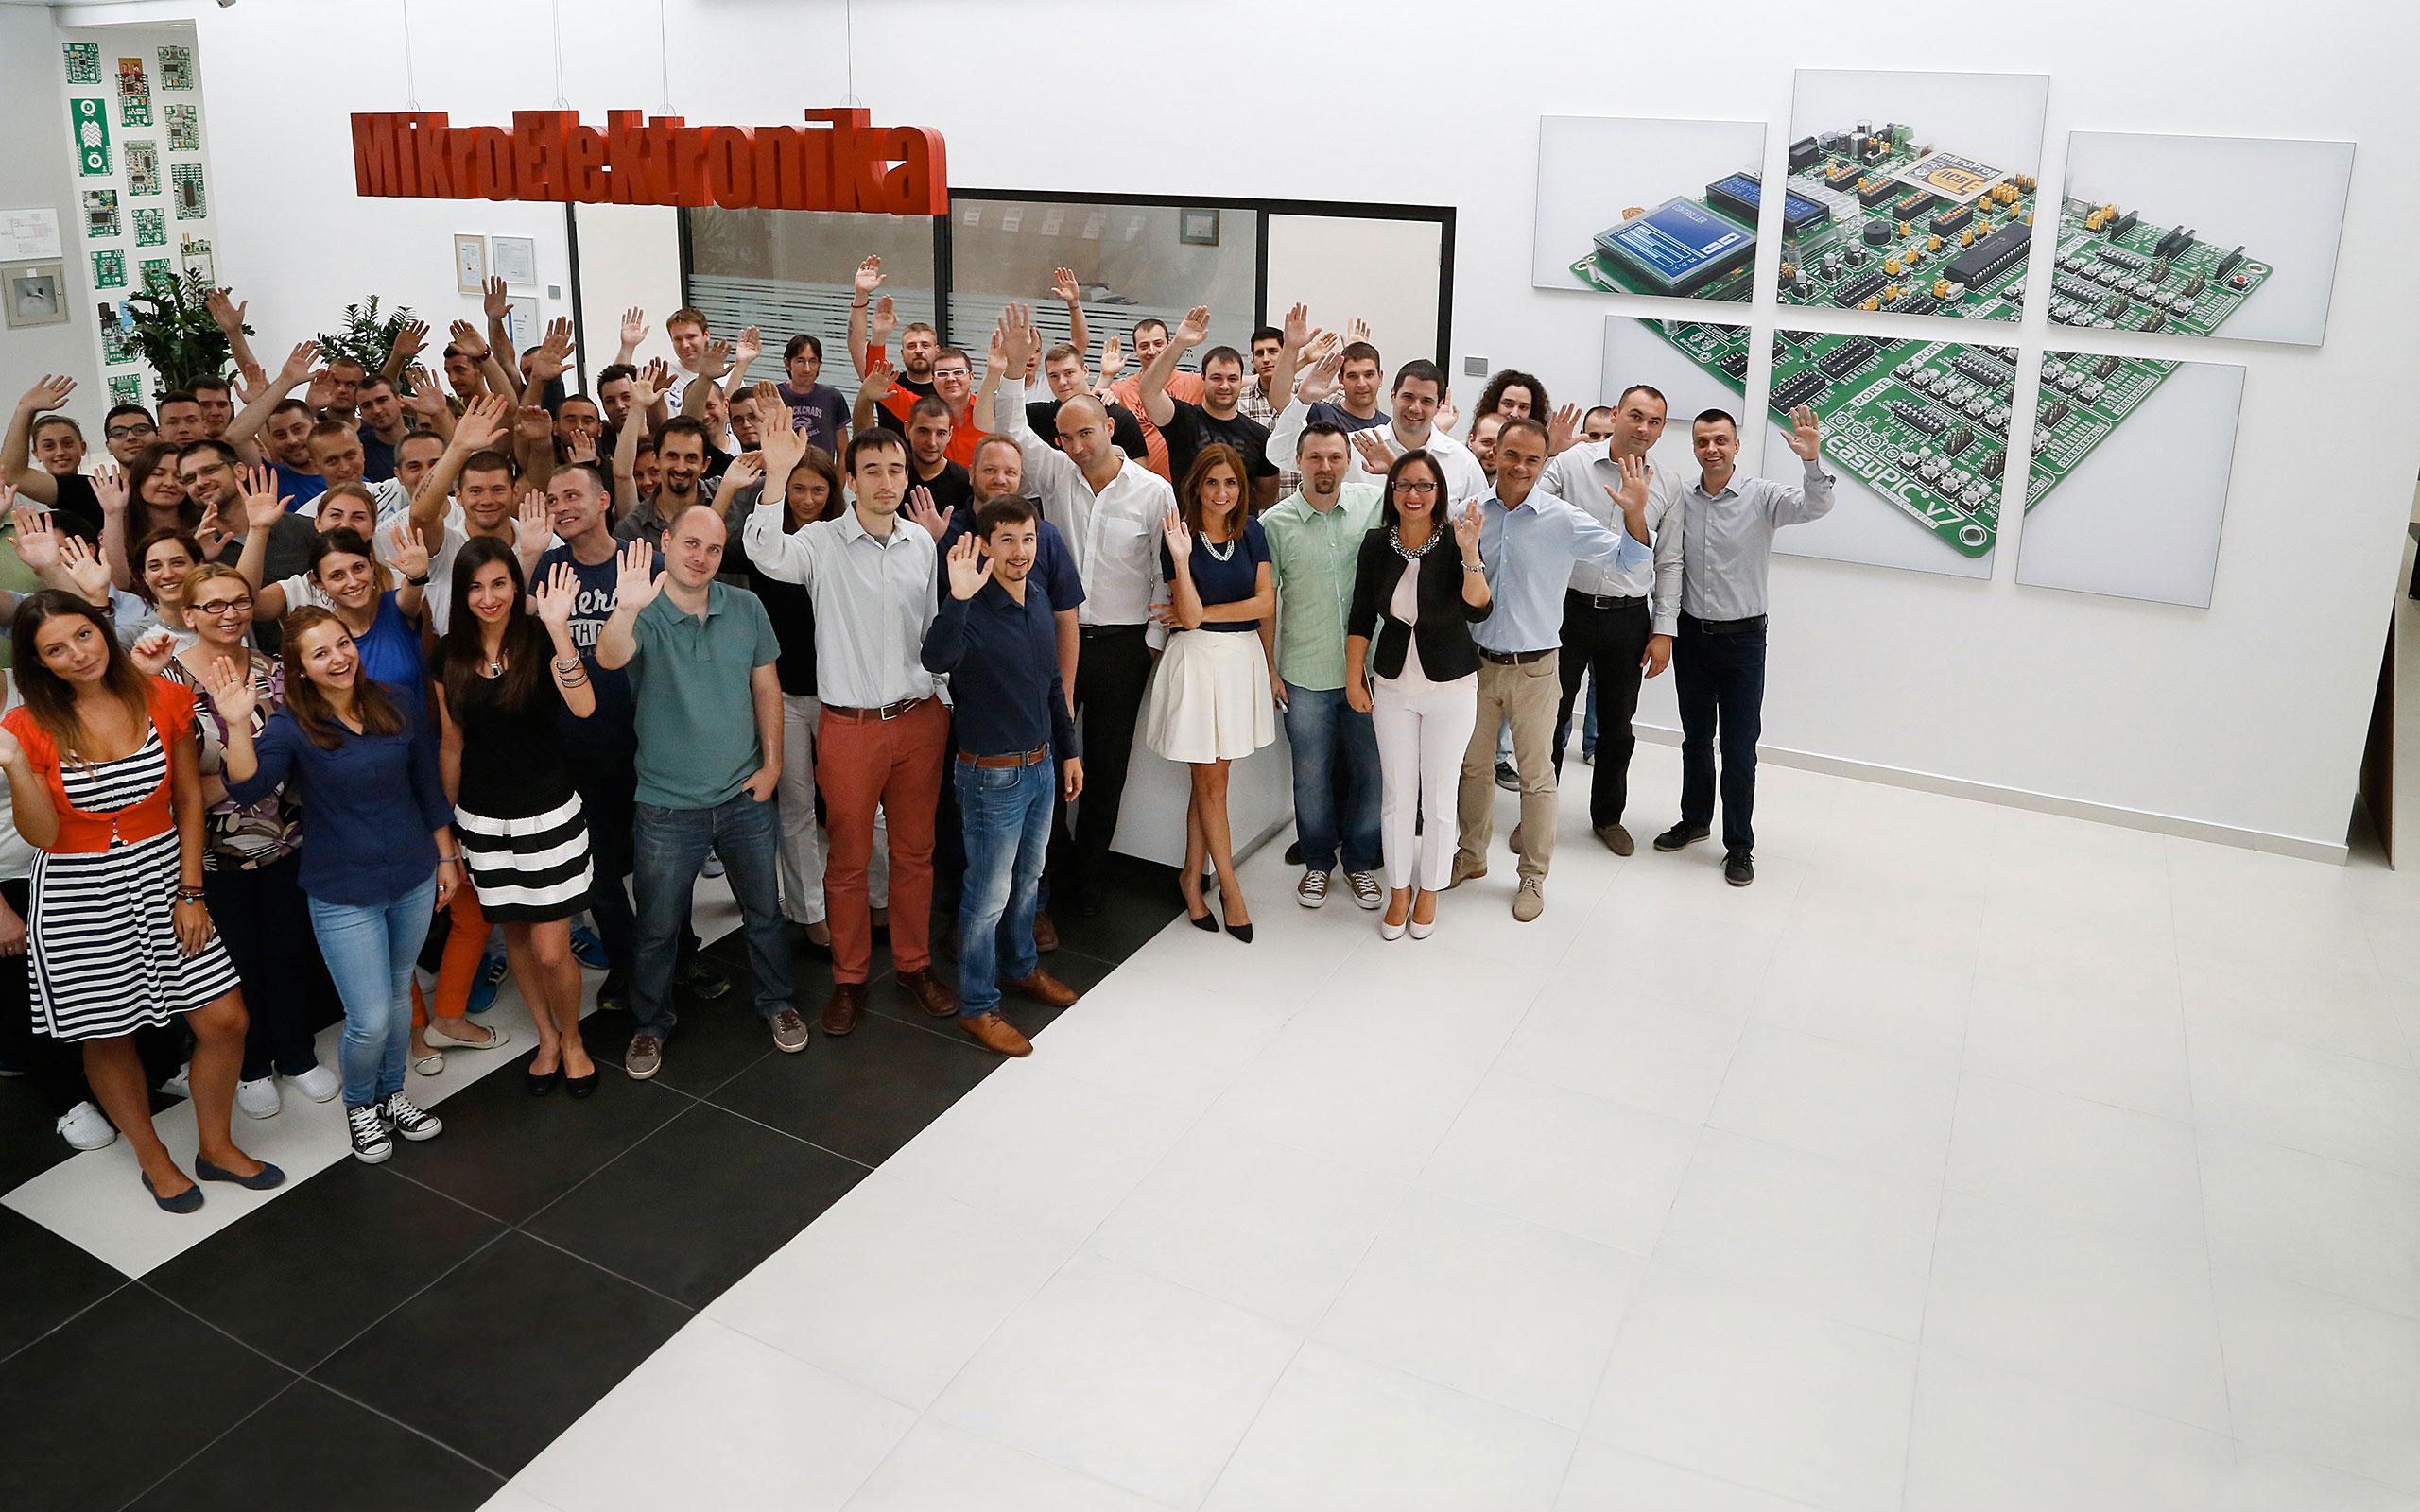 mikroelektronika-team-2016.jpg